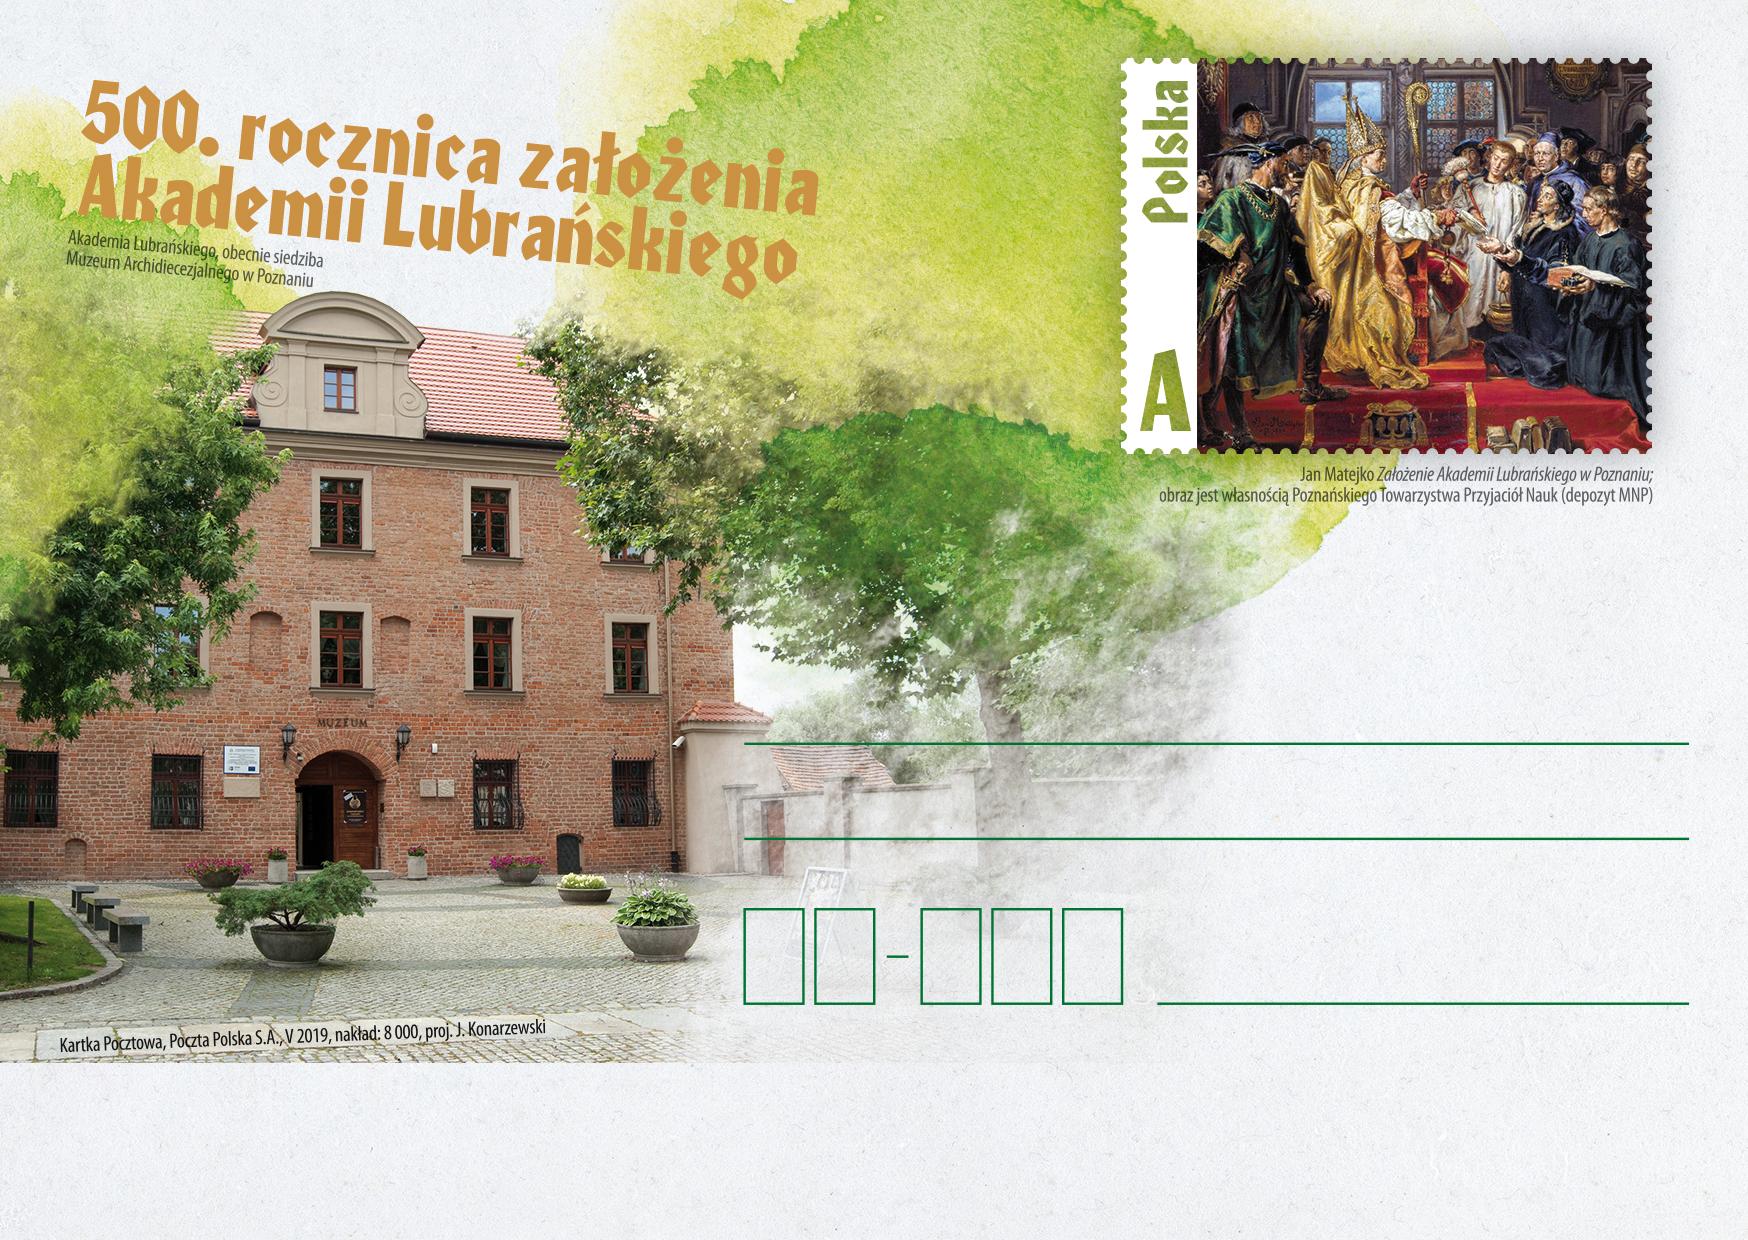 波兰5月7日发行波兹南密茨凯维奇大学500周年邮资片